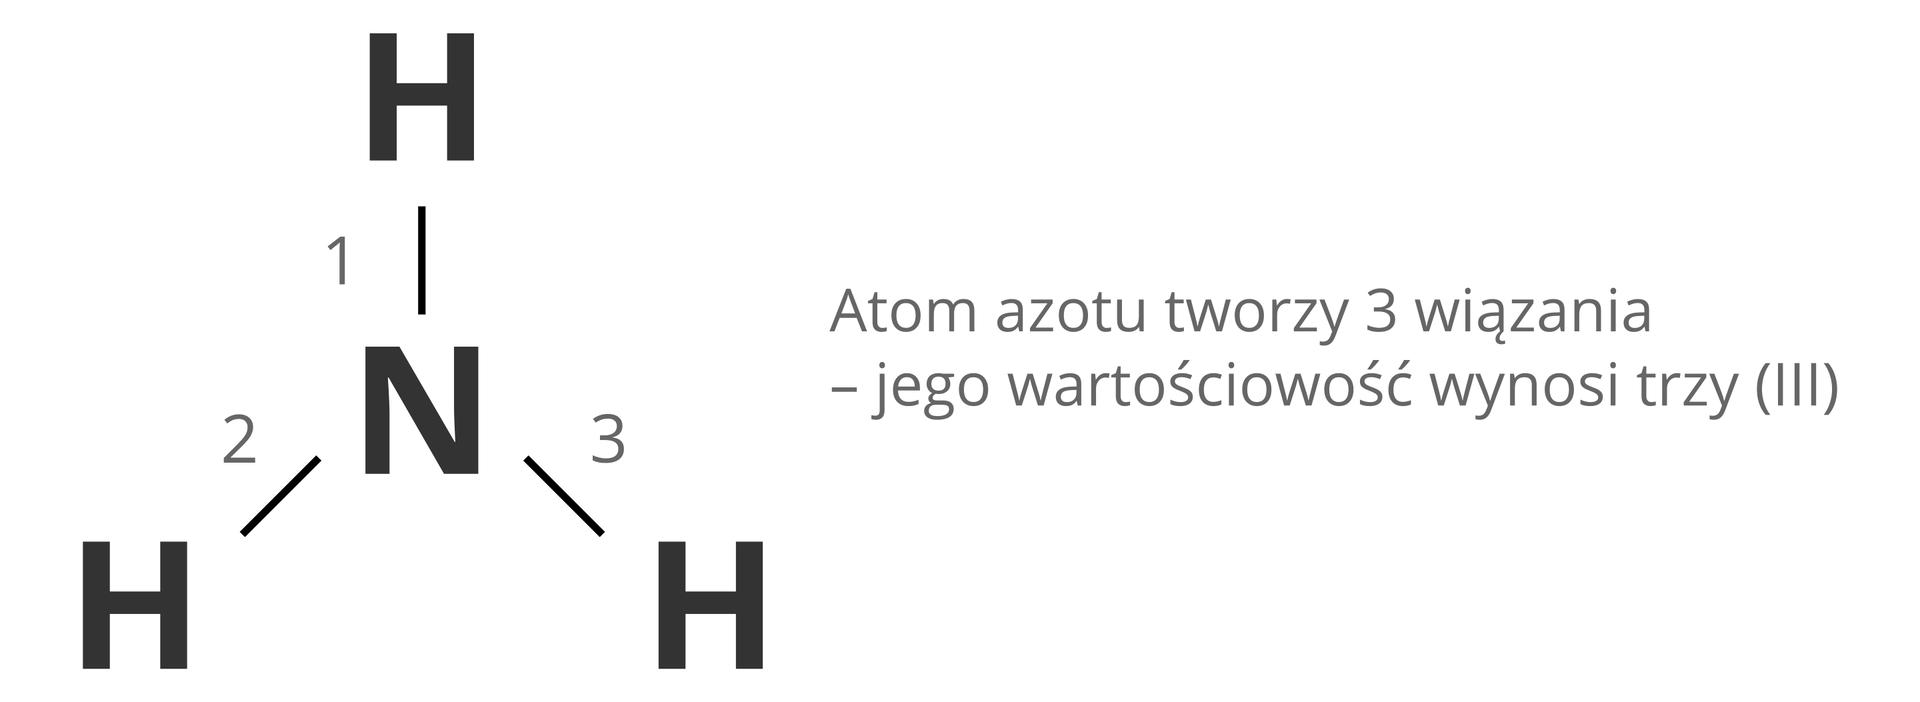 Ilustracja przedstawia schemat określania wartościowości atomu na przykładzie azotu wcząsteczce amoniaku. Po lewej stronie obrazka znajduje się strukturalny wzór amoniaku zatomem azotu wśrodku ipołączonymi znim trzema atomami wodoru. Wiązania wodoru zazotem są kolejno ponumerowane. Po prawej stronie znajduje się tekst podsumowujący: Atom azotu tworzy 3 wiązania, więc jego wartościowość wynosi trzy. Sama wartościowość pod koniec tego zdania zapisana jest wnawiasie liczbą rzymską.